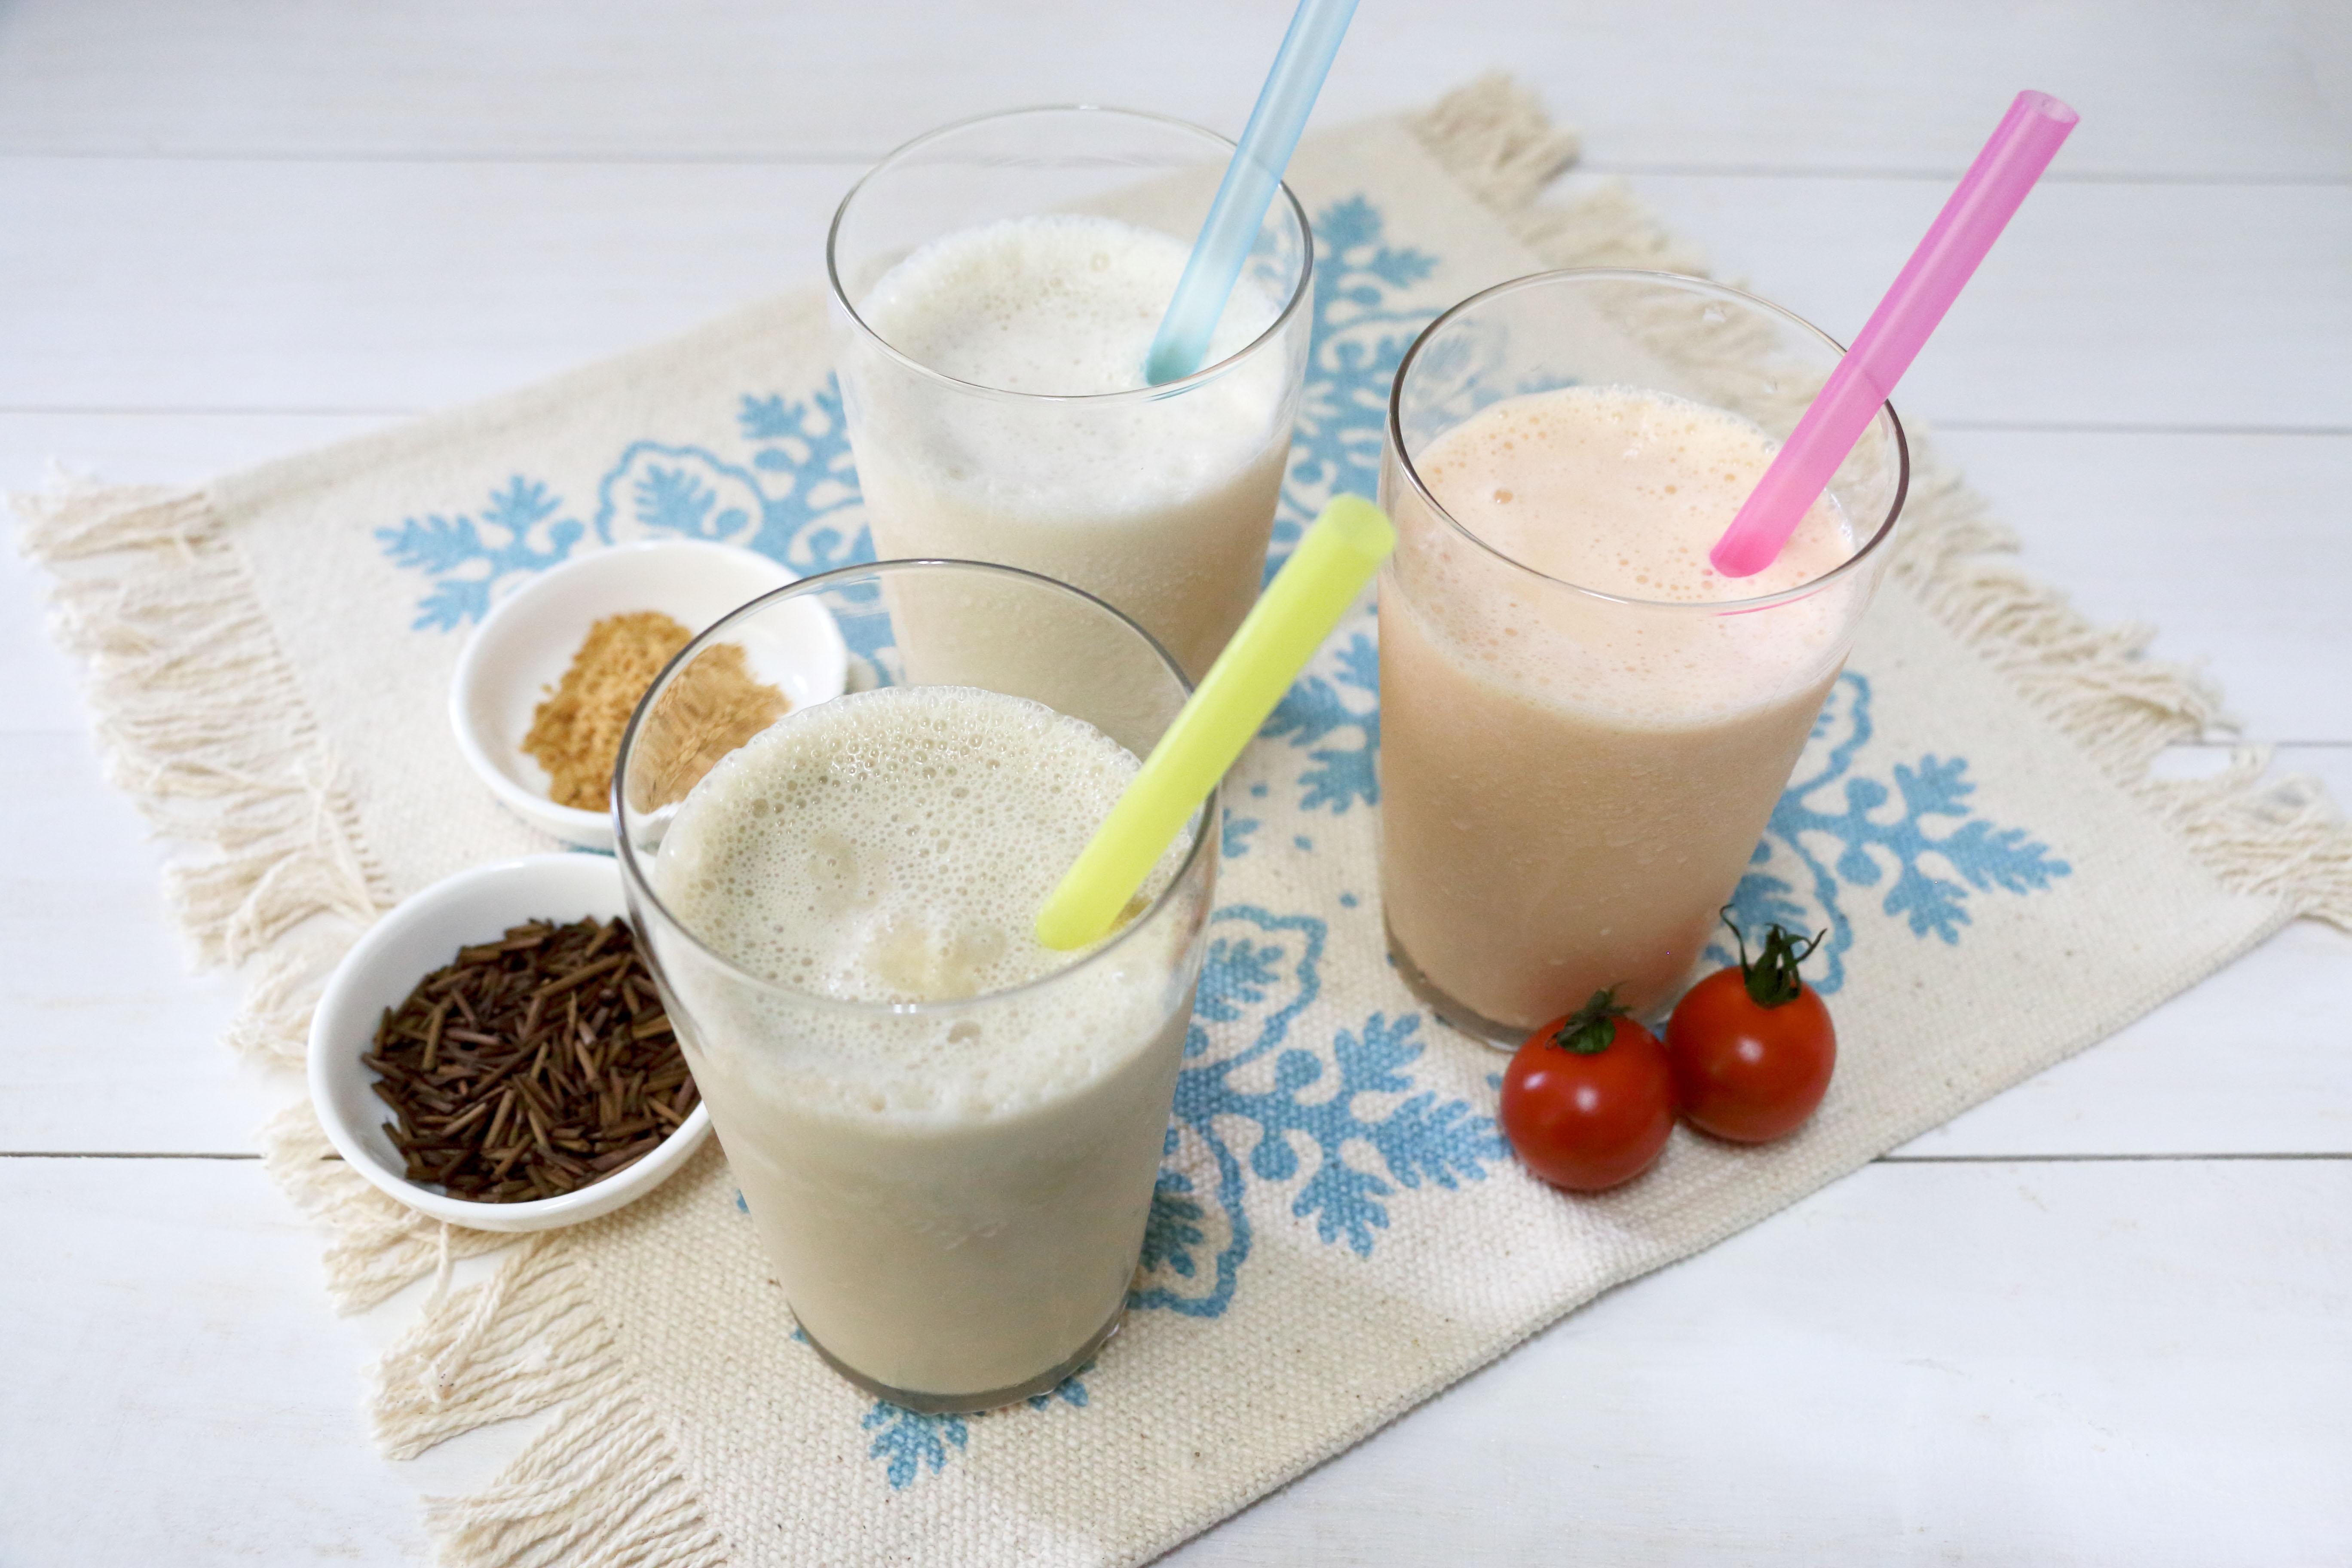 豆乳飲料×バニラアイス シェイク